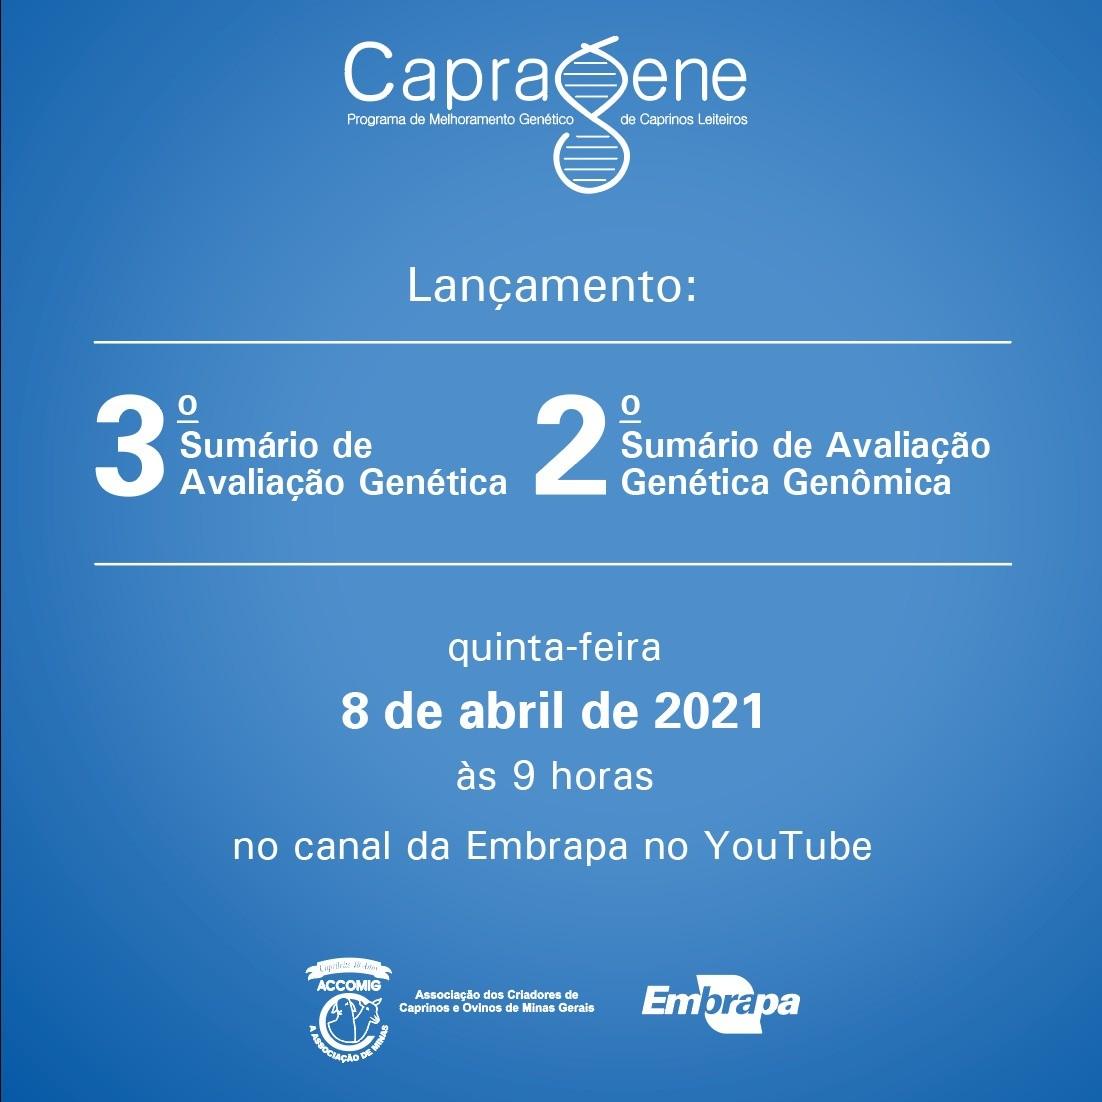 LANÇAMENTO 3&ordmSUMÁRIO DE AVALIAÇÃO GENÉTICA E 2&ordmSUMÁRIO DE AVALIAÇÃO GENÉTICA GENÔMICA 08/04/2021